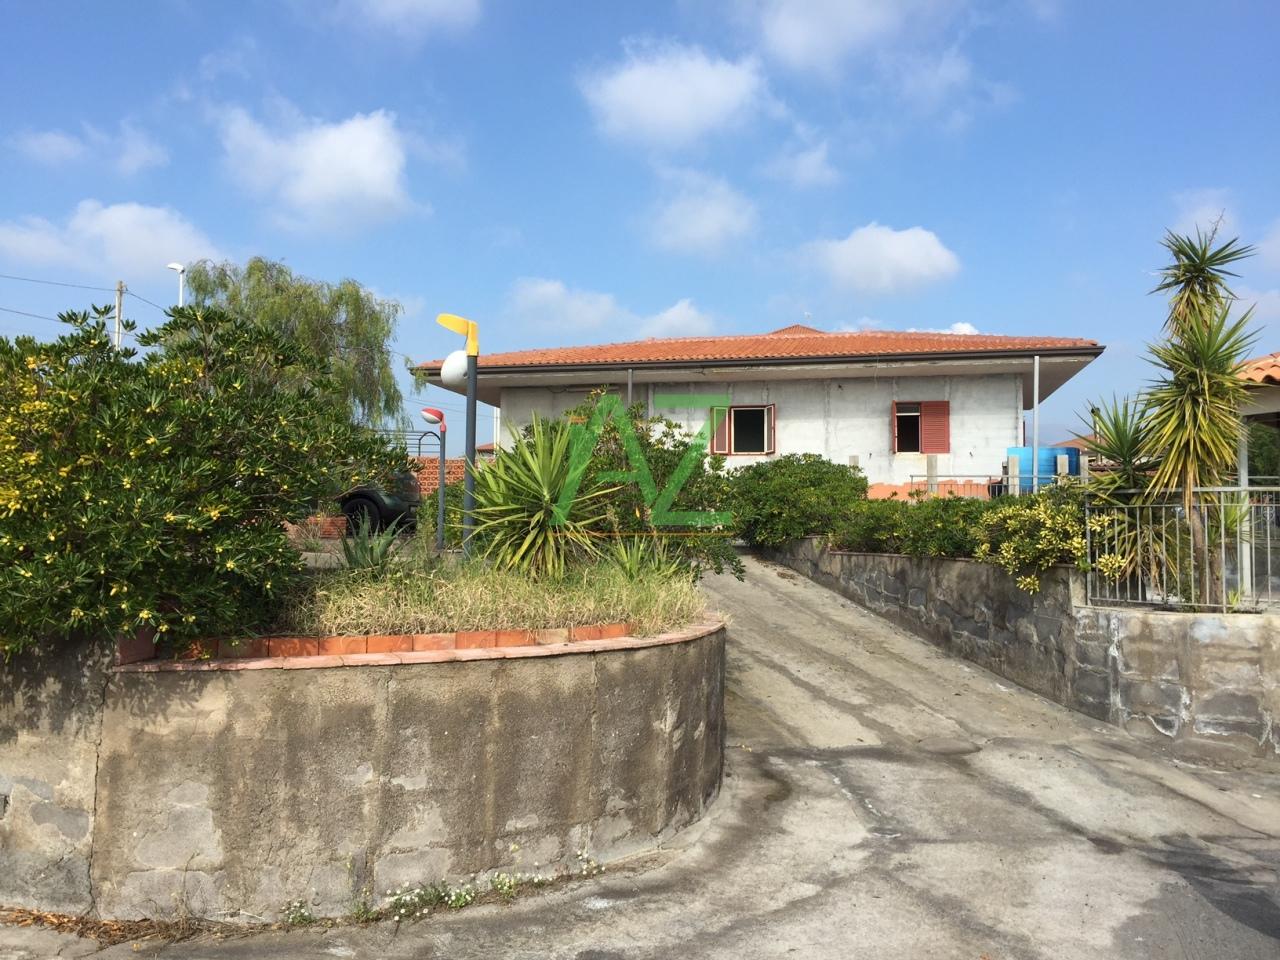 Villa in vendita a Belpasso, 4 locali, prezzo € 135.000 | Cambio Casa.it